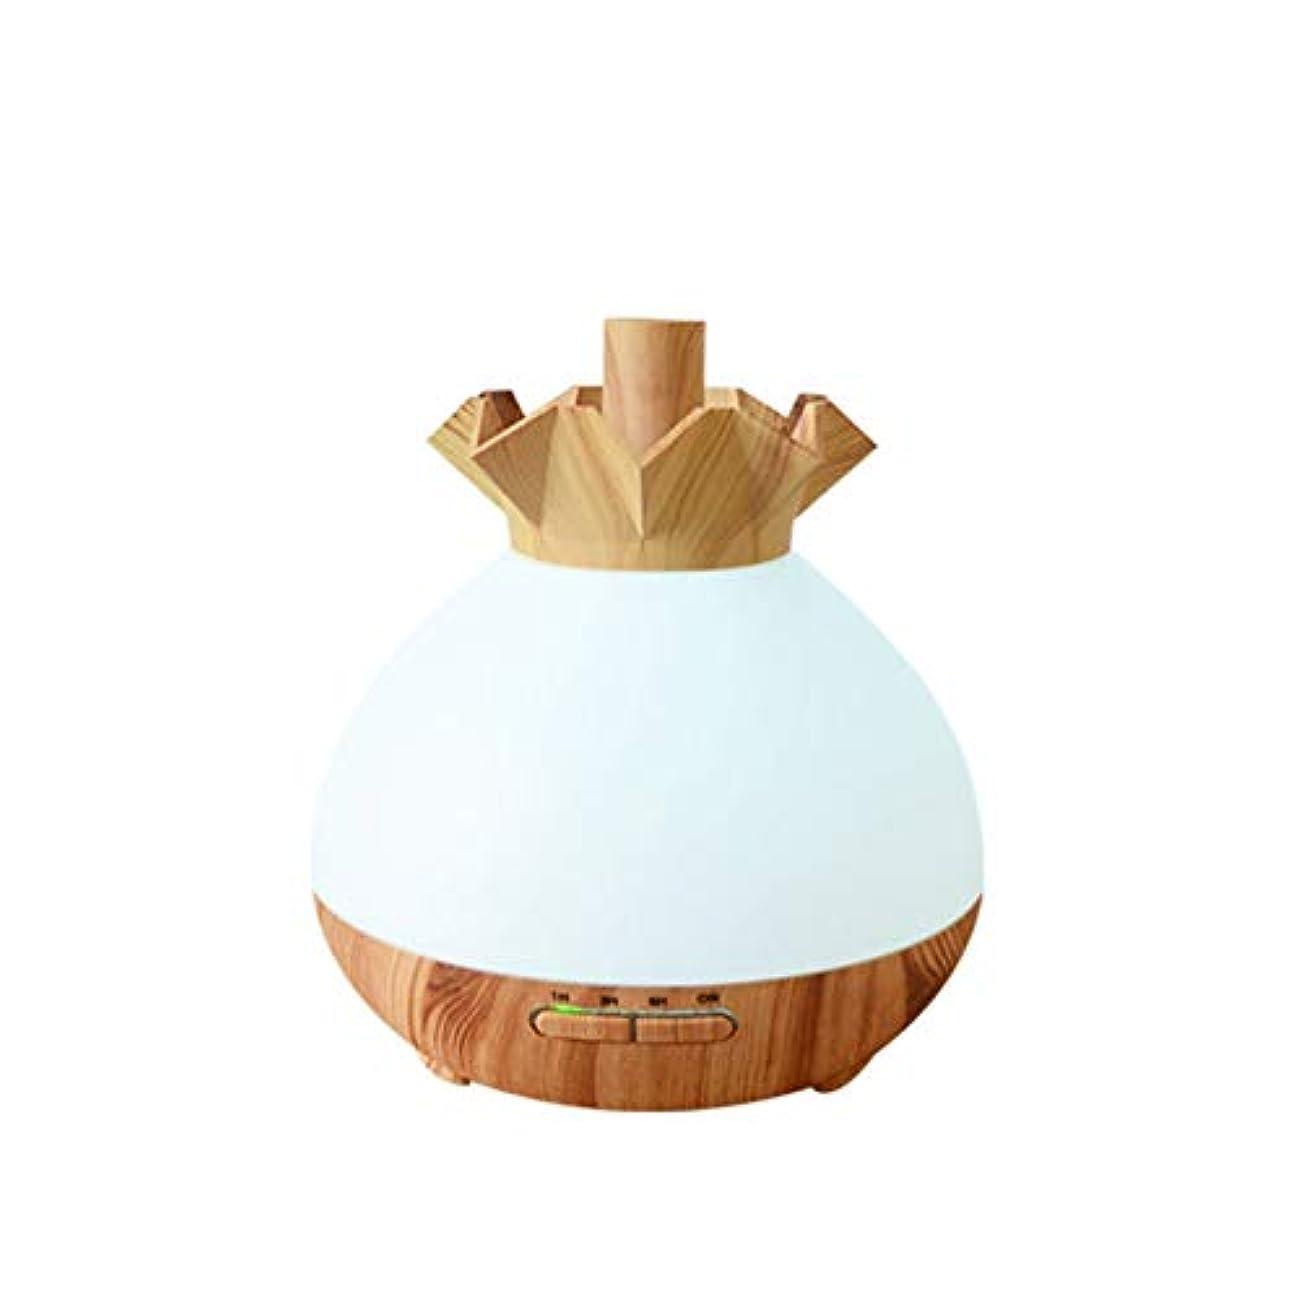 オペレーター縮約思い出Wifiアプリコントロール 涼しい霧 加湿器,7 色 木目 空気を浄化 加湿機 プレミアム サイレント 精油 ディフューザー アロマネブライザー ベッド- 400ml